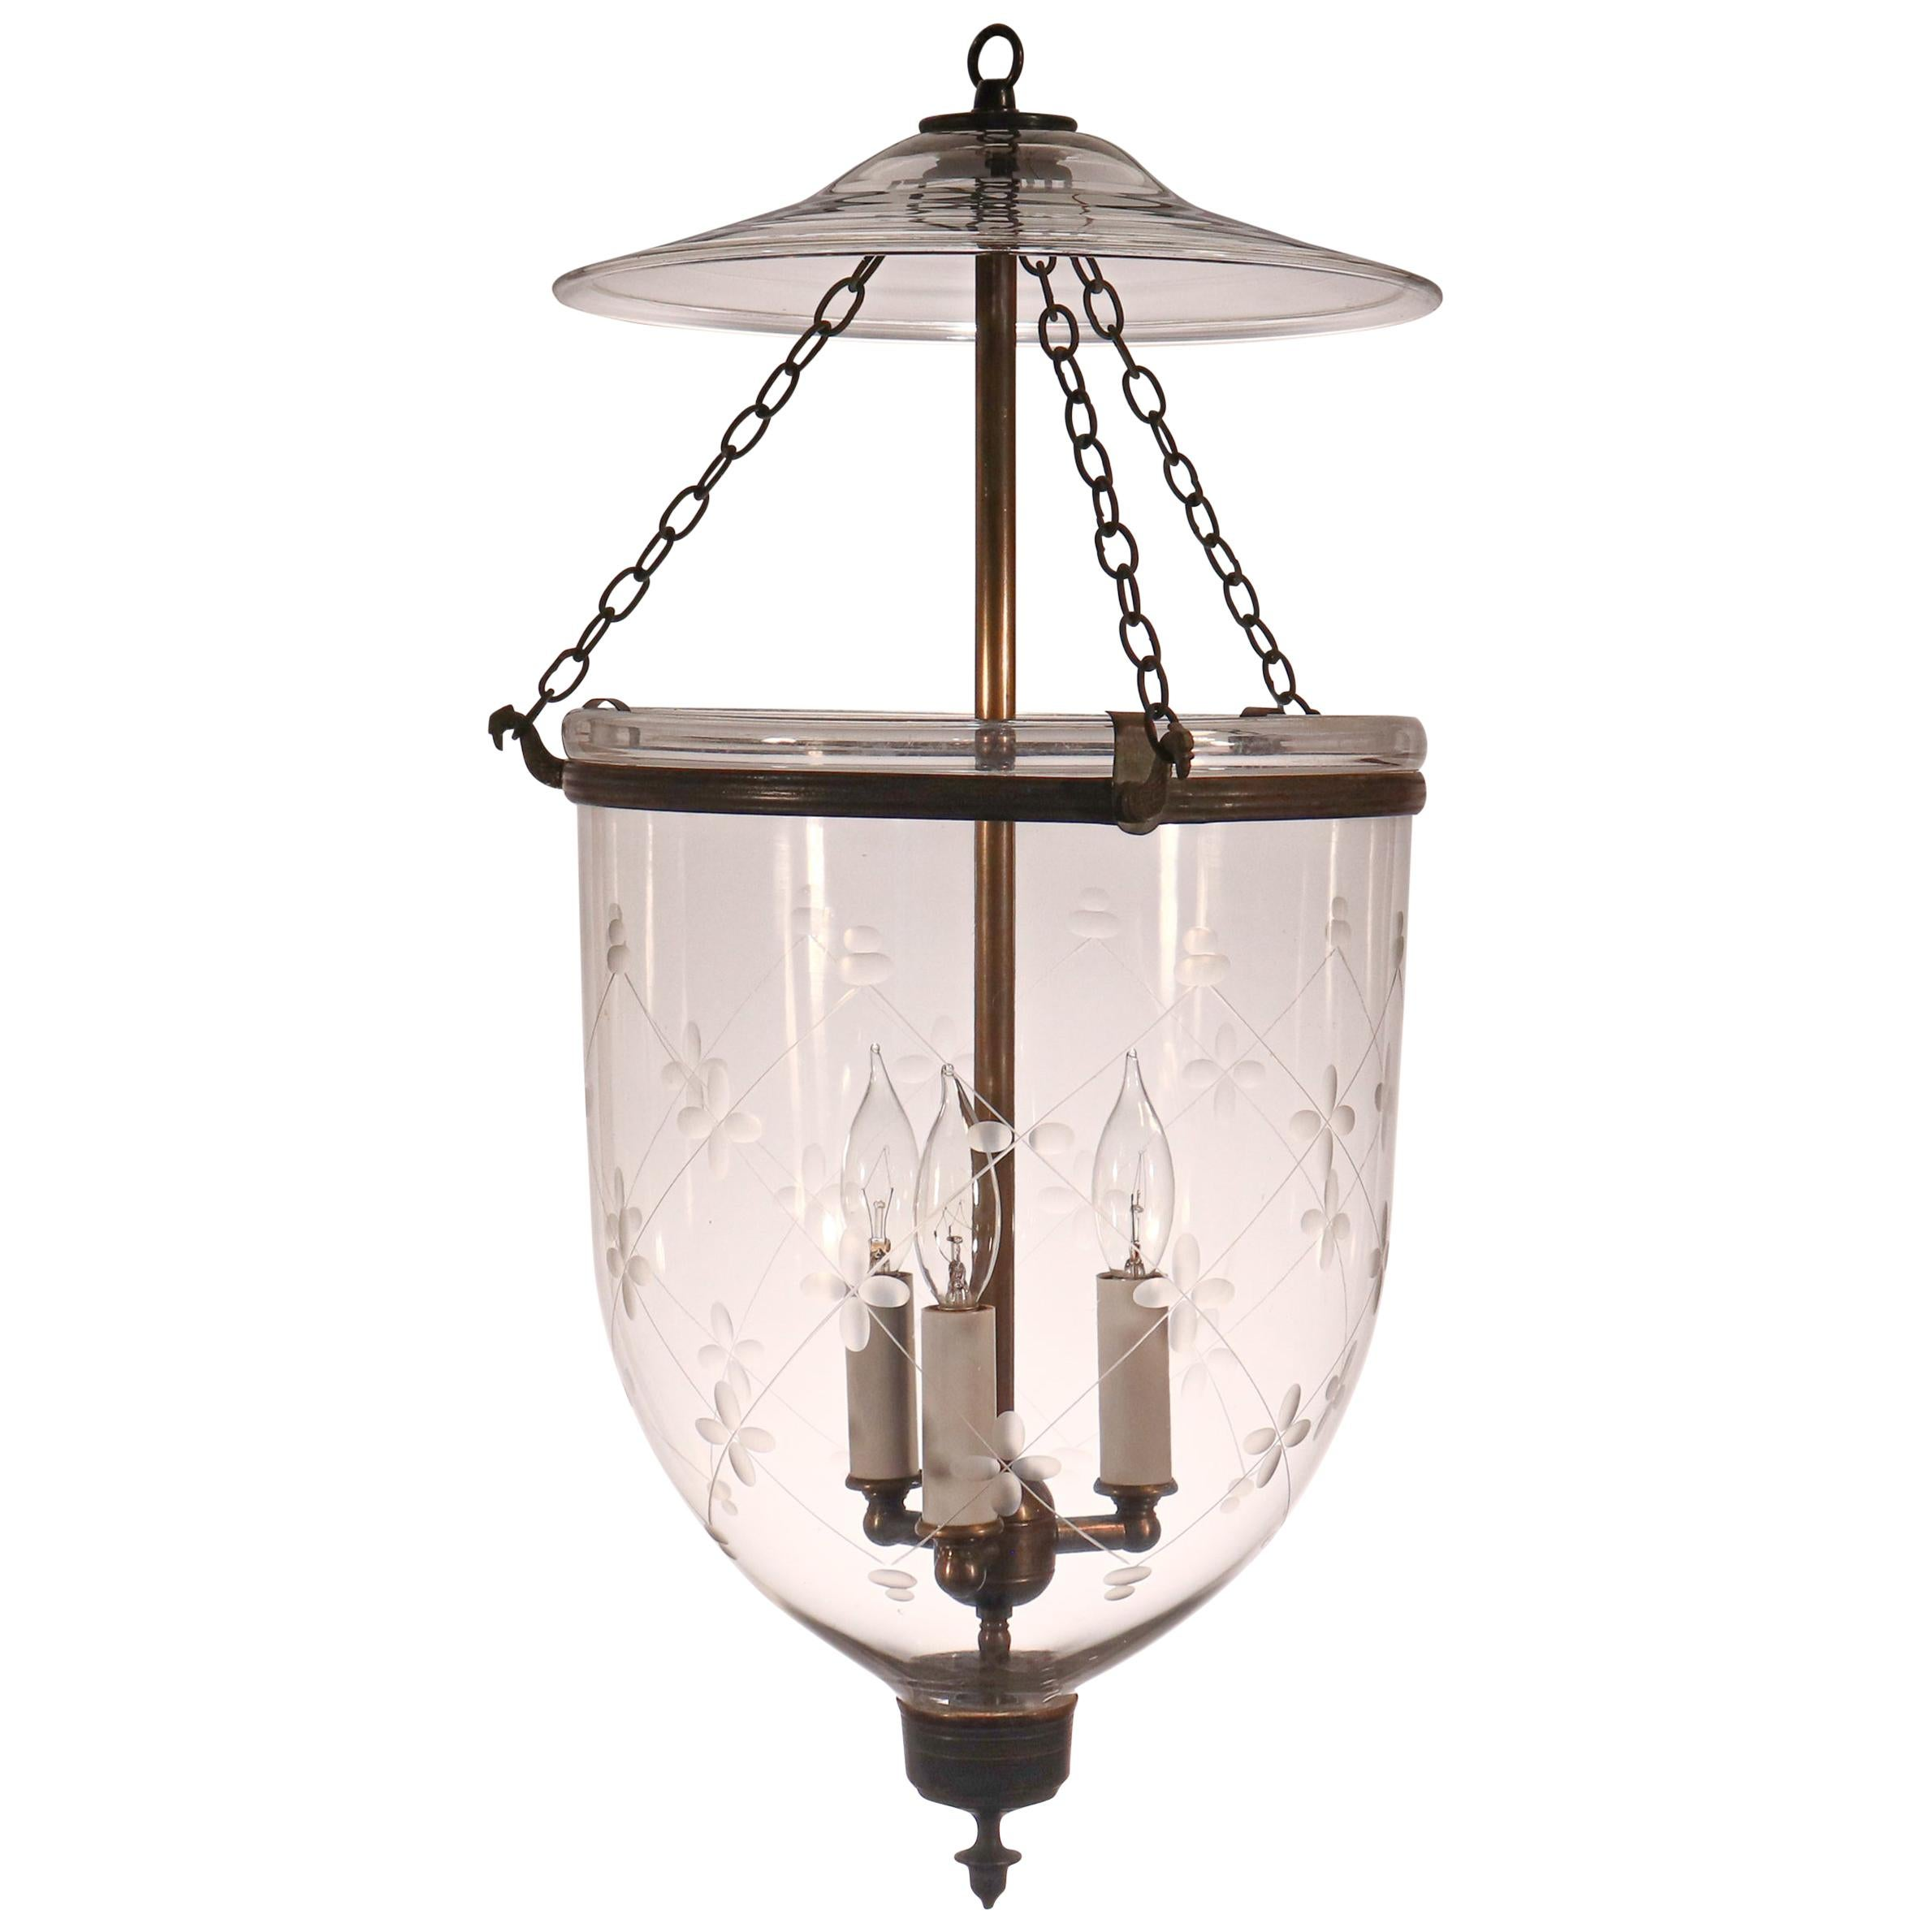 Antique English Bell Jar Lantern with Trellis Etching